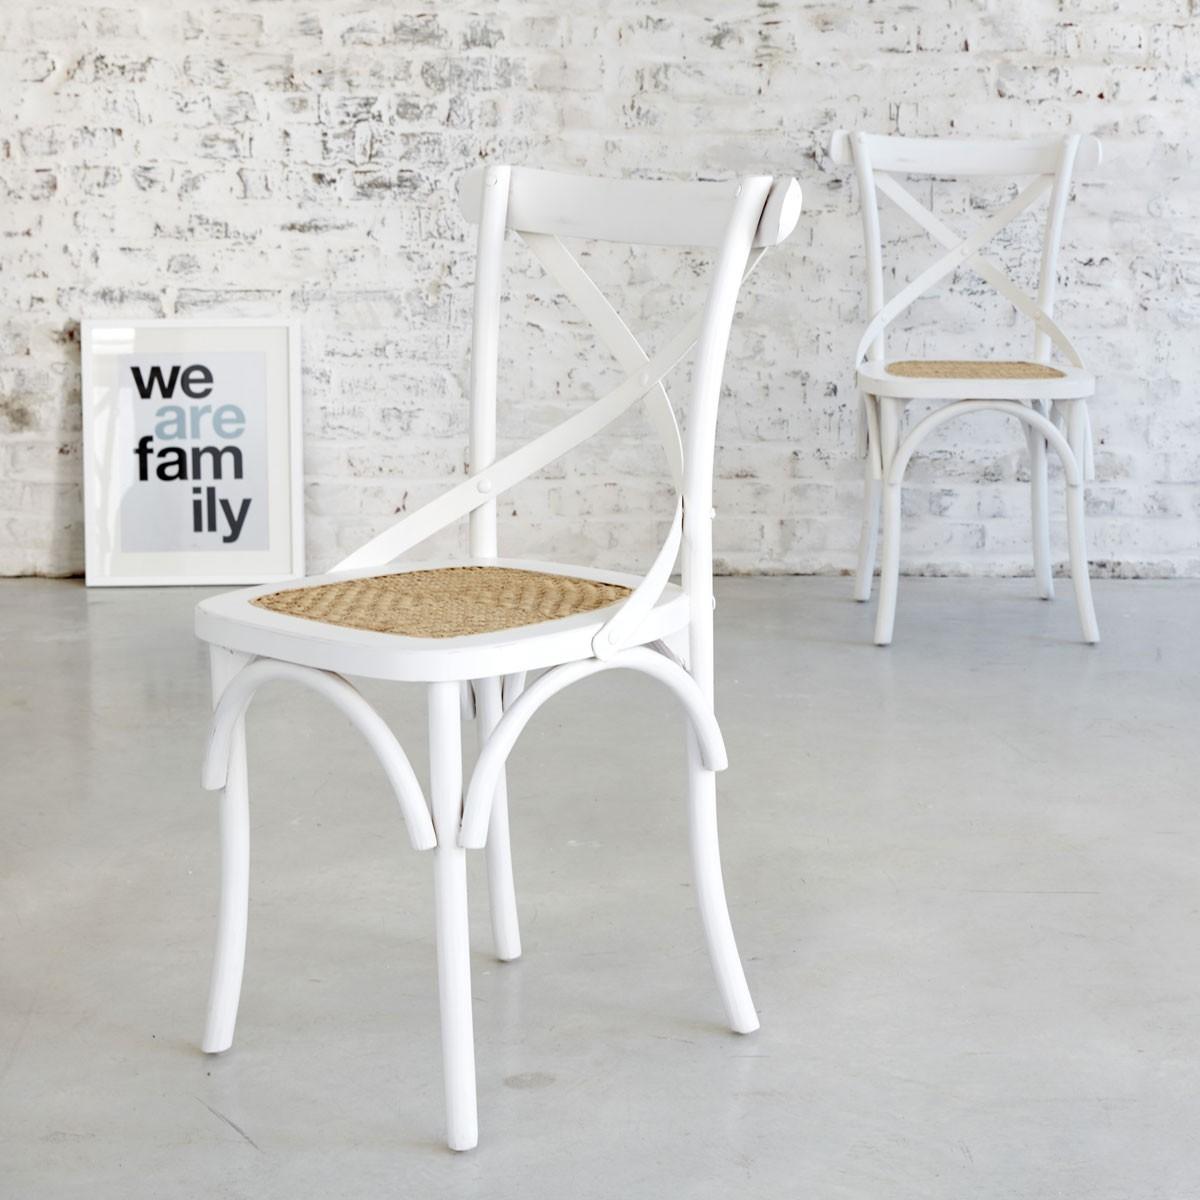 lot de 2 chaises bistrot en bois d 39 acajou et rotin londres bois dessus bois dessous. Black Bedroom Furniture Sets. Home Design Ideas